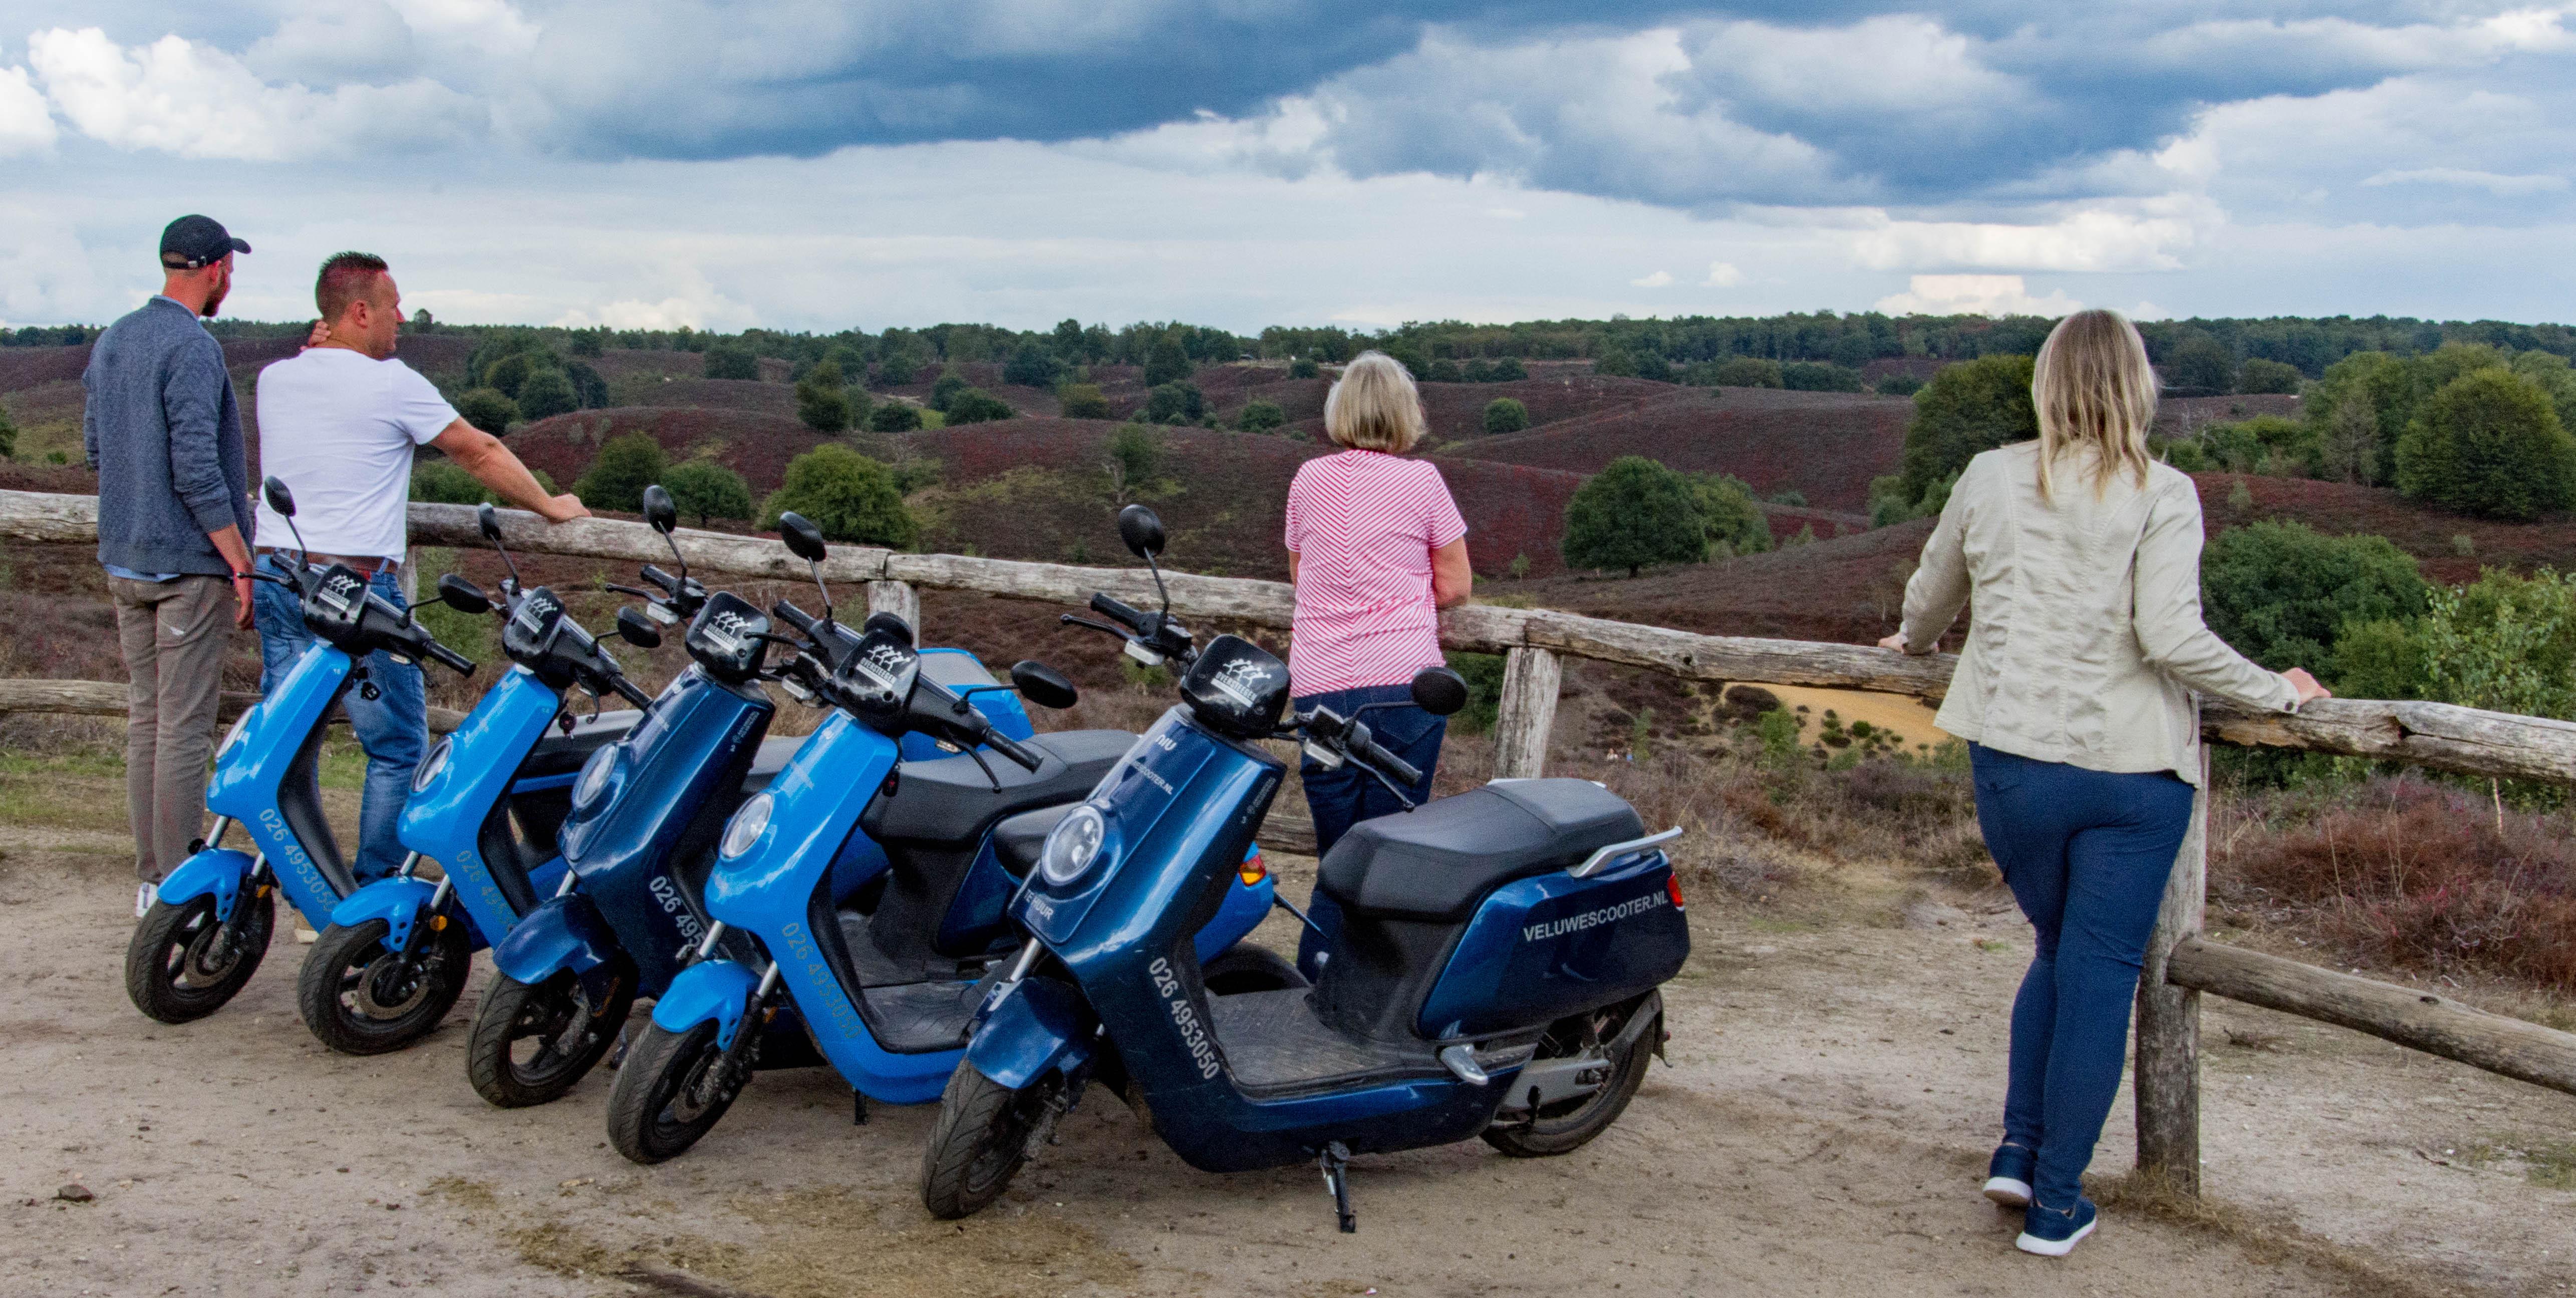 Veluwescooter uitzichtpunt